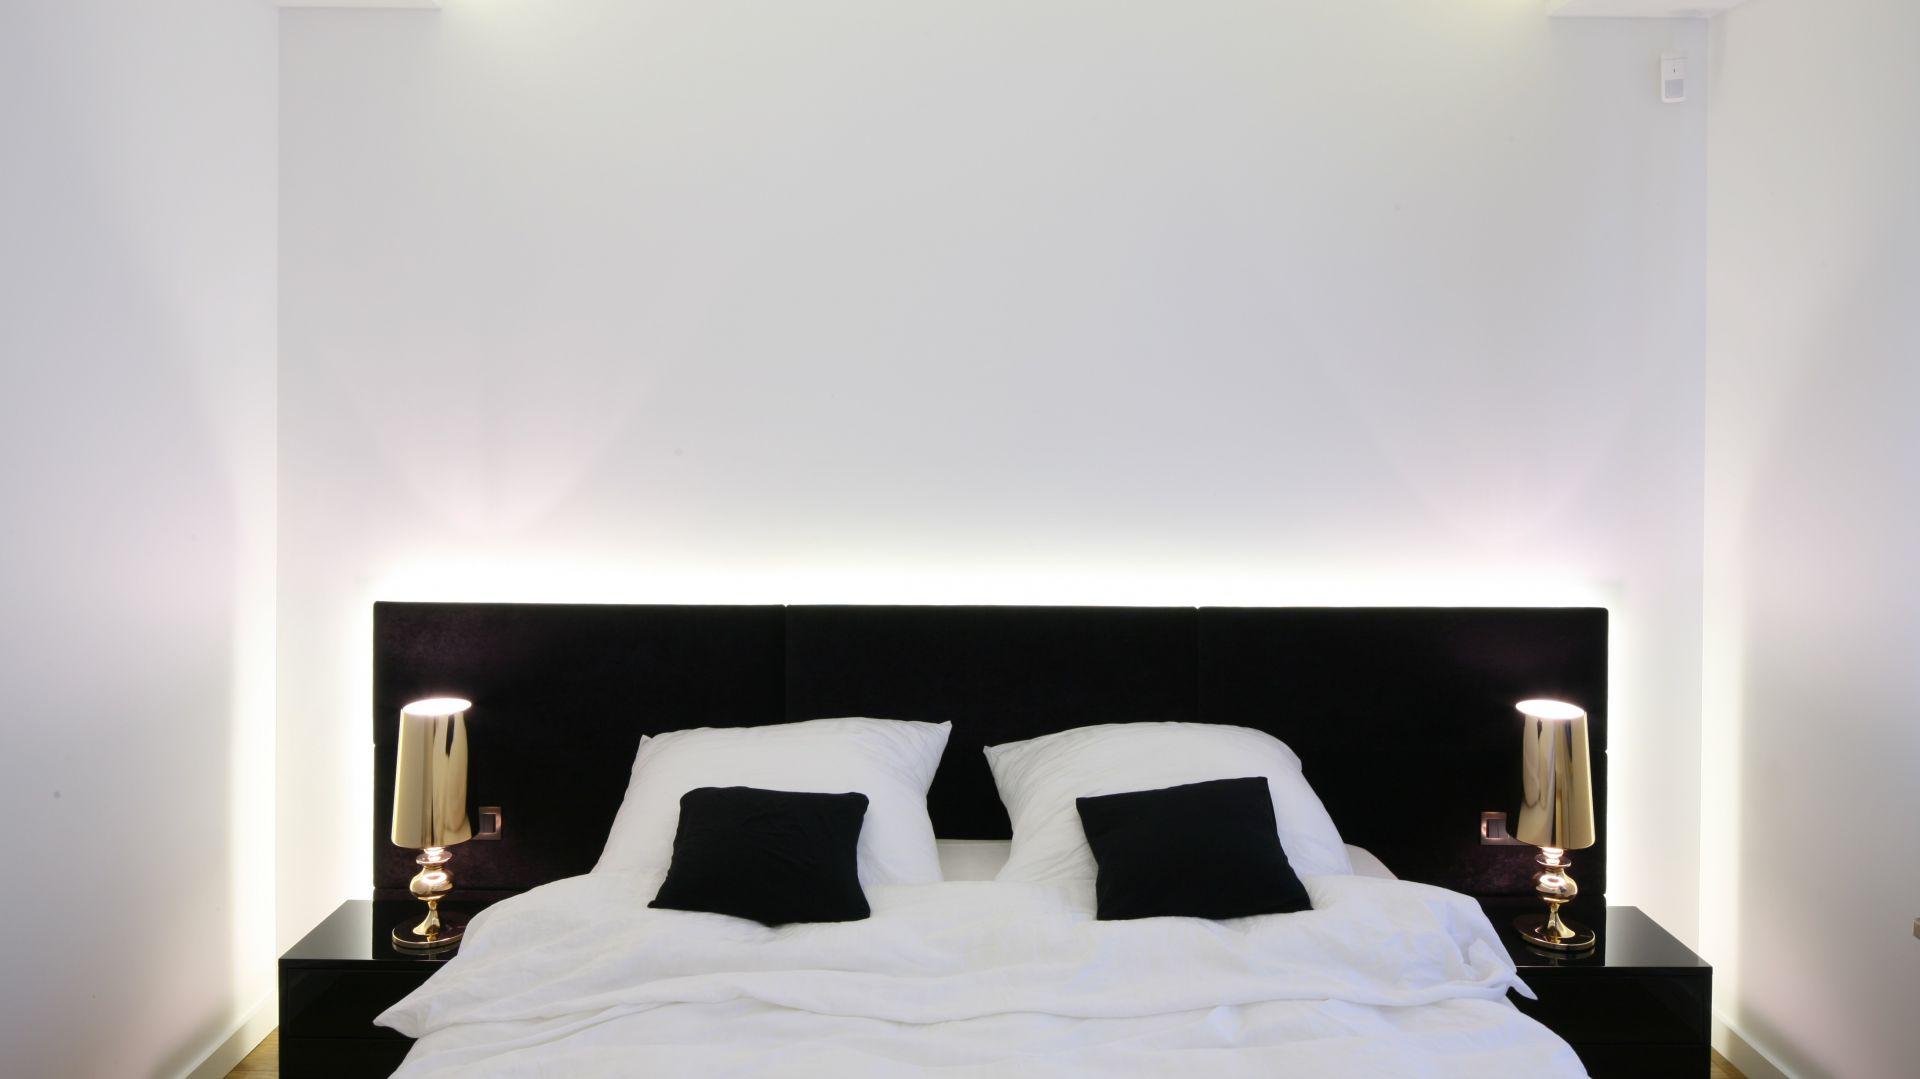 Lampka Nocna 12 Pomyslow Na Oswietlenie Sypialni